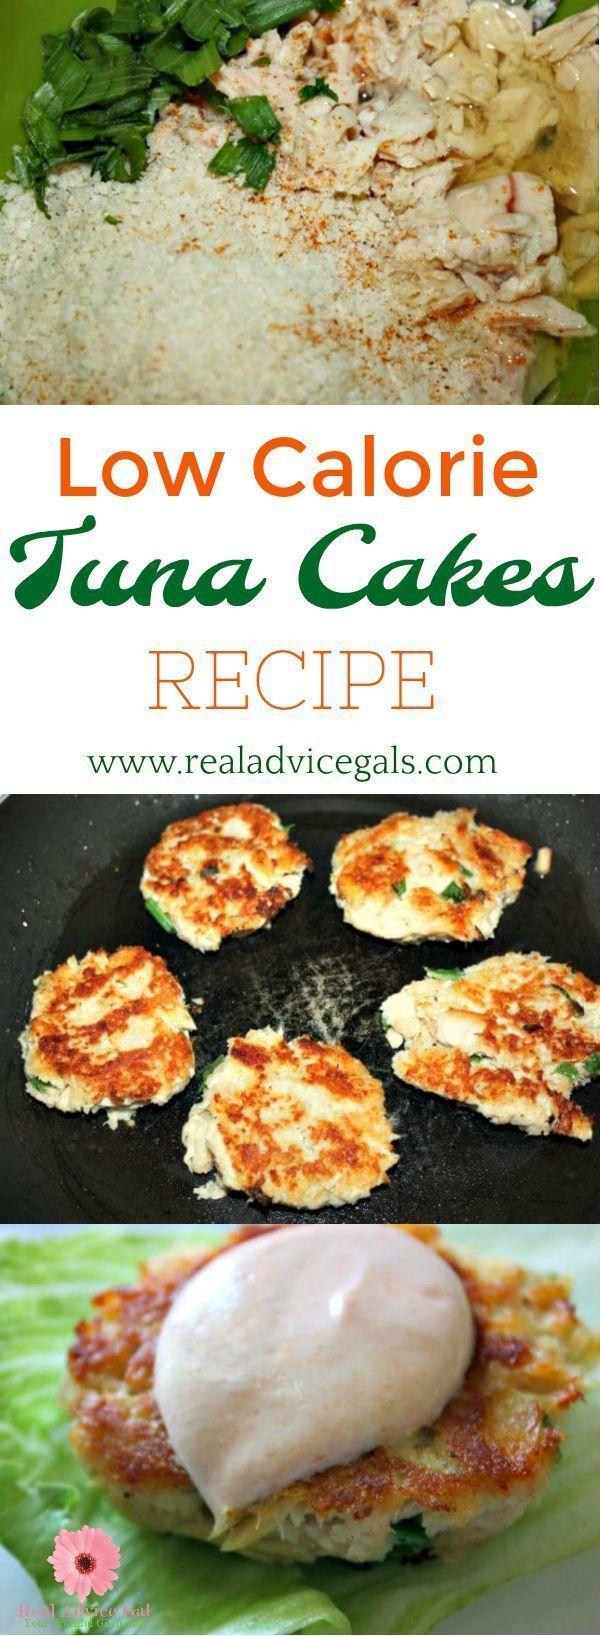 So lecker kalorienarme Thunfischkuchen Rezept, das einfach zu machen ist und Kinder lieben we…